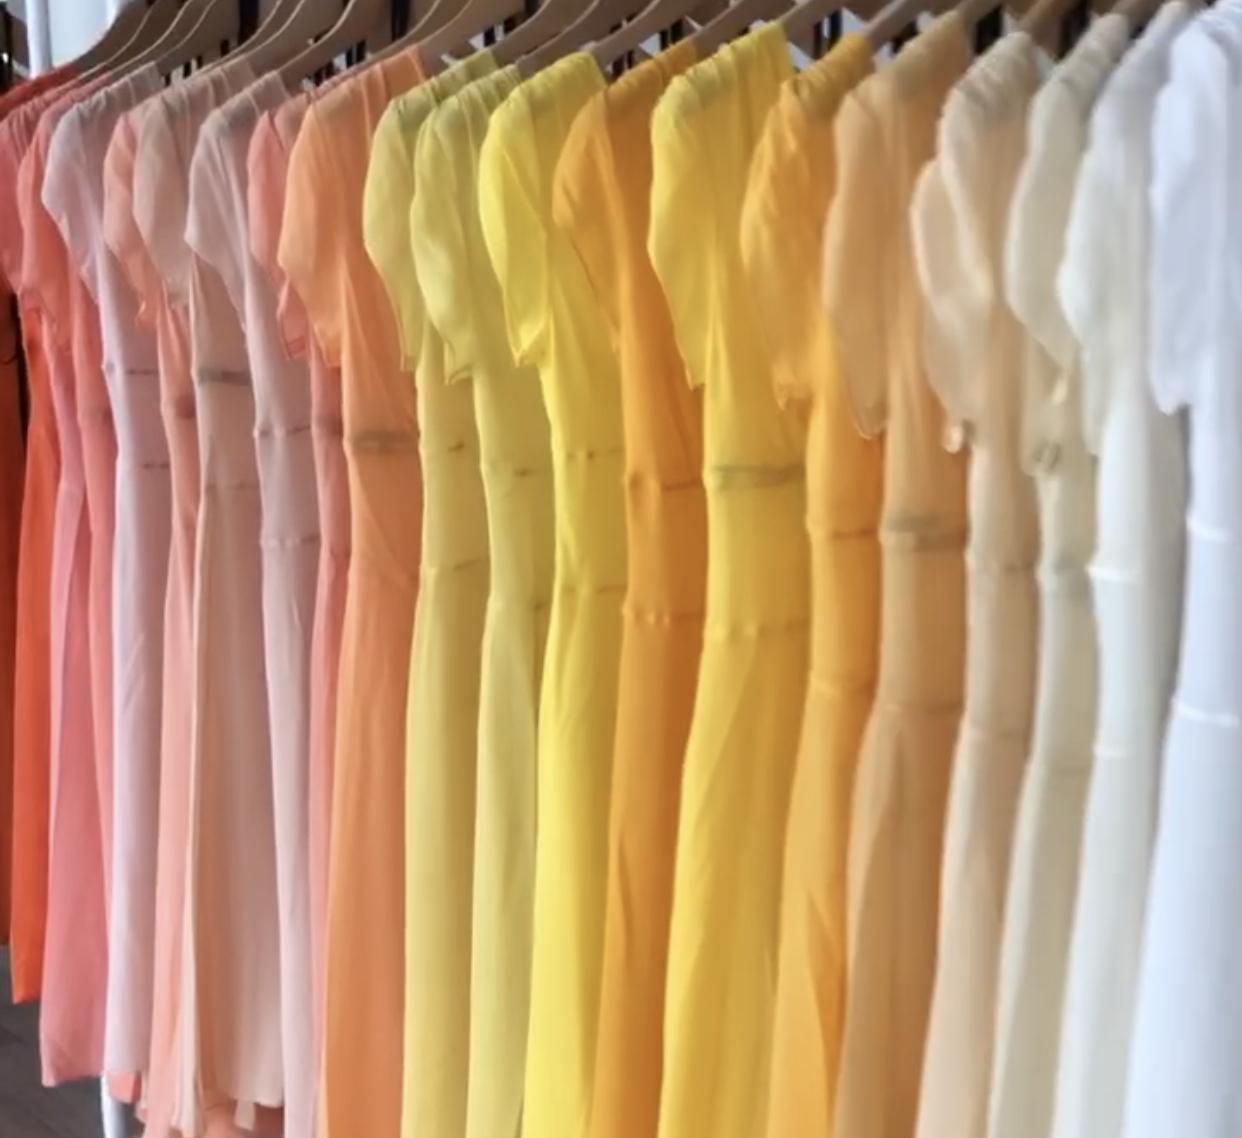 Vartalotyyppi vaatteet rekissä